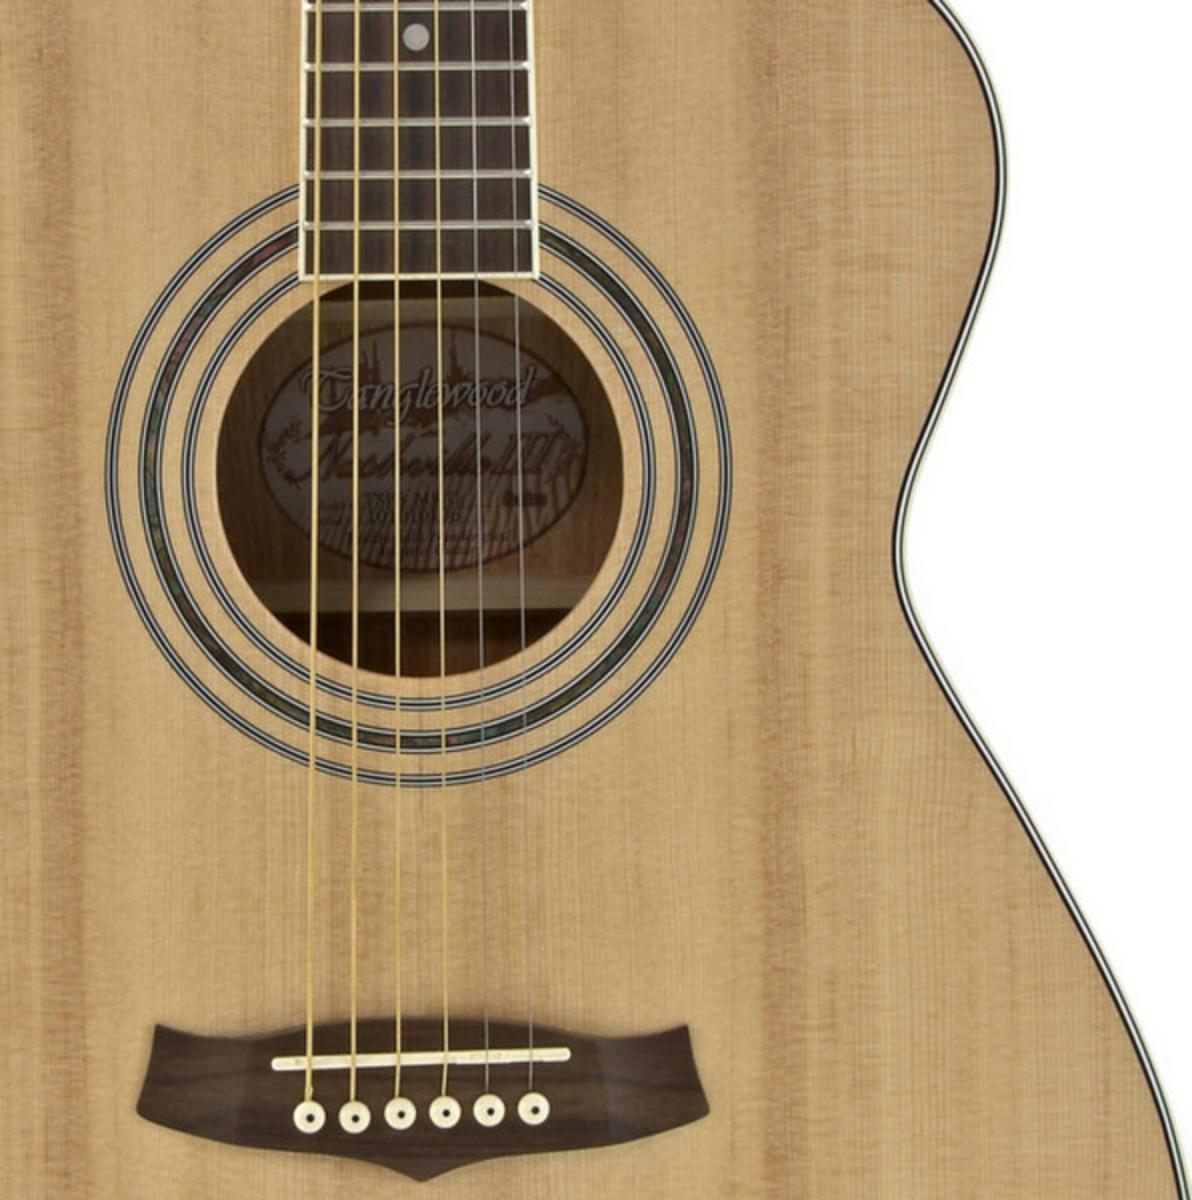 tanglewood tf8 iii nashville acoustic guitar hard case at. Black Bedroom Furniture Sets. Home Design Ideas